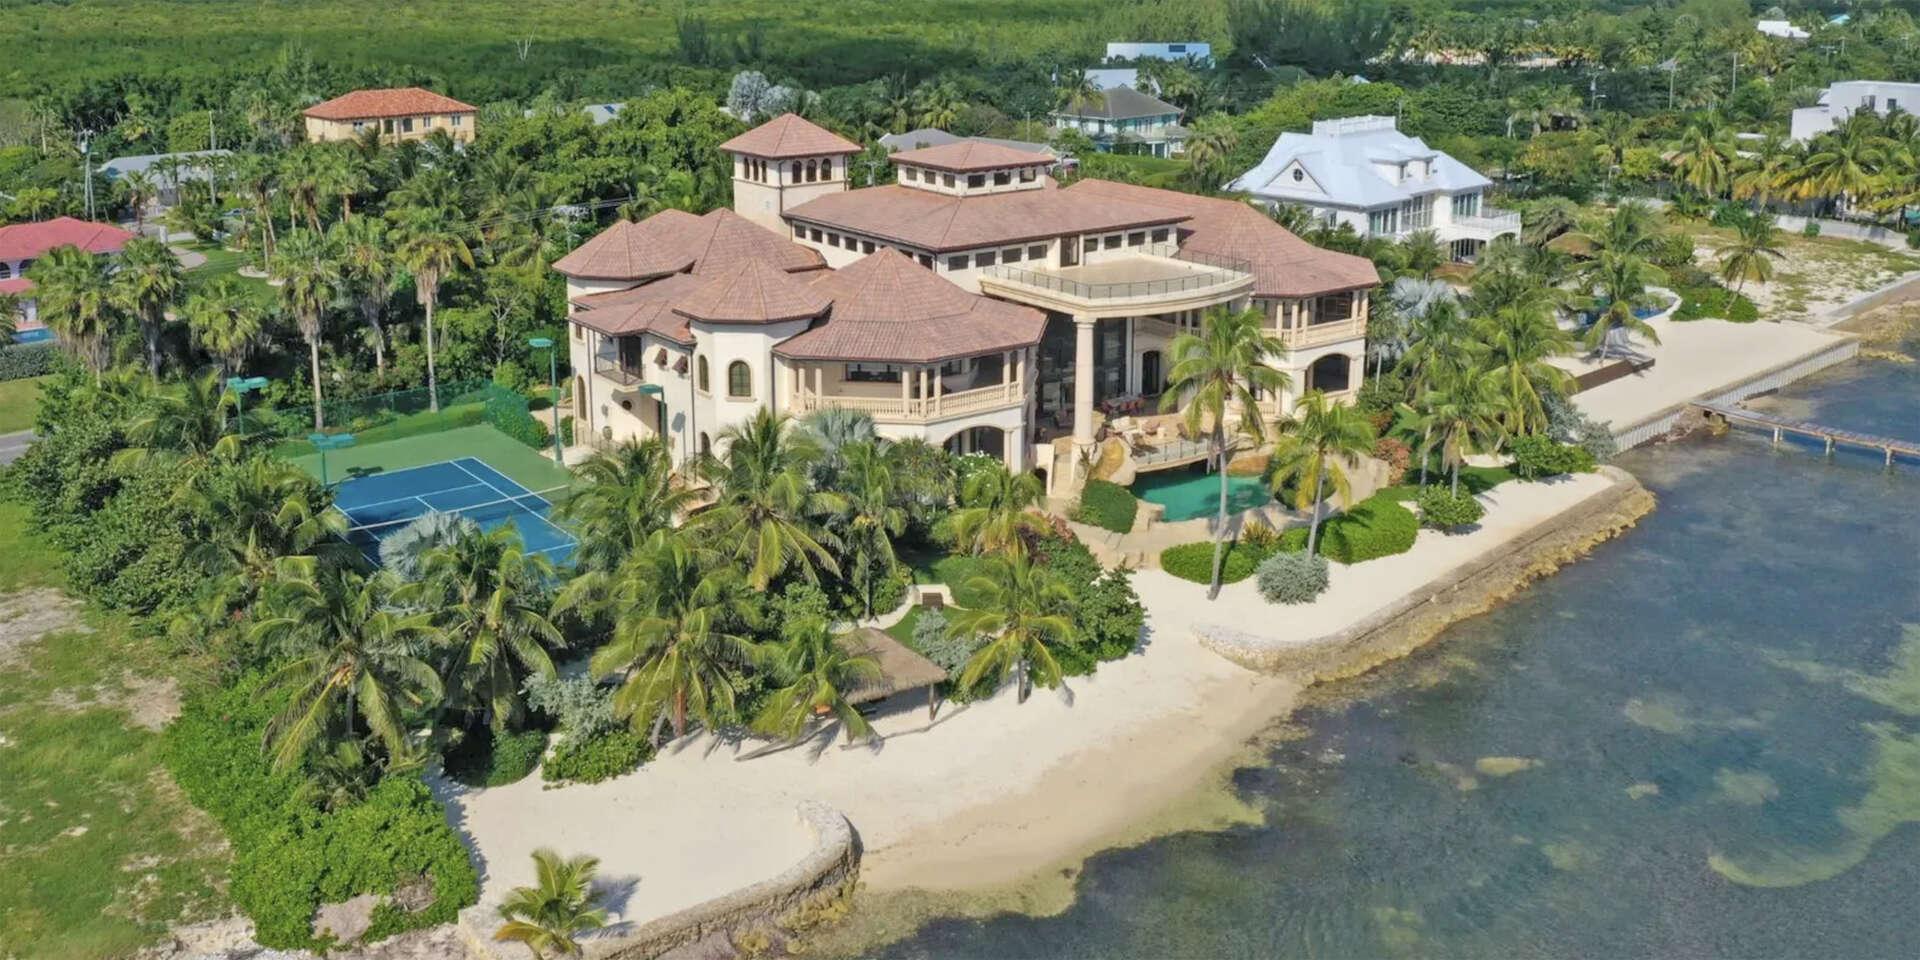 - Castillo Caribe - Image 1/27